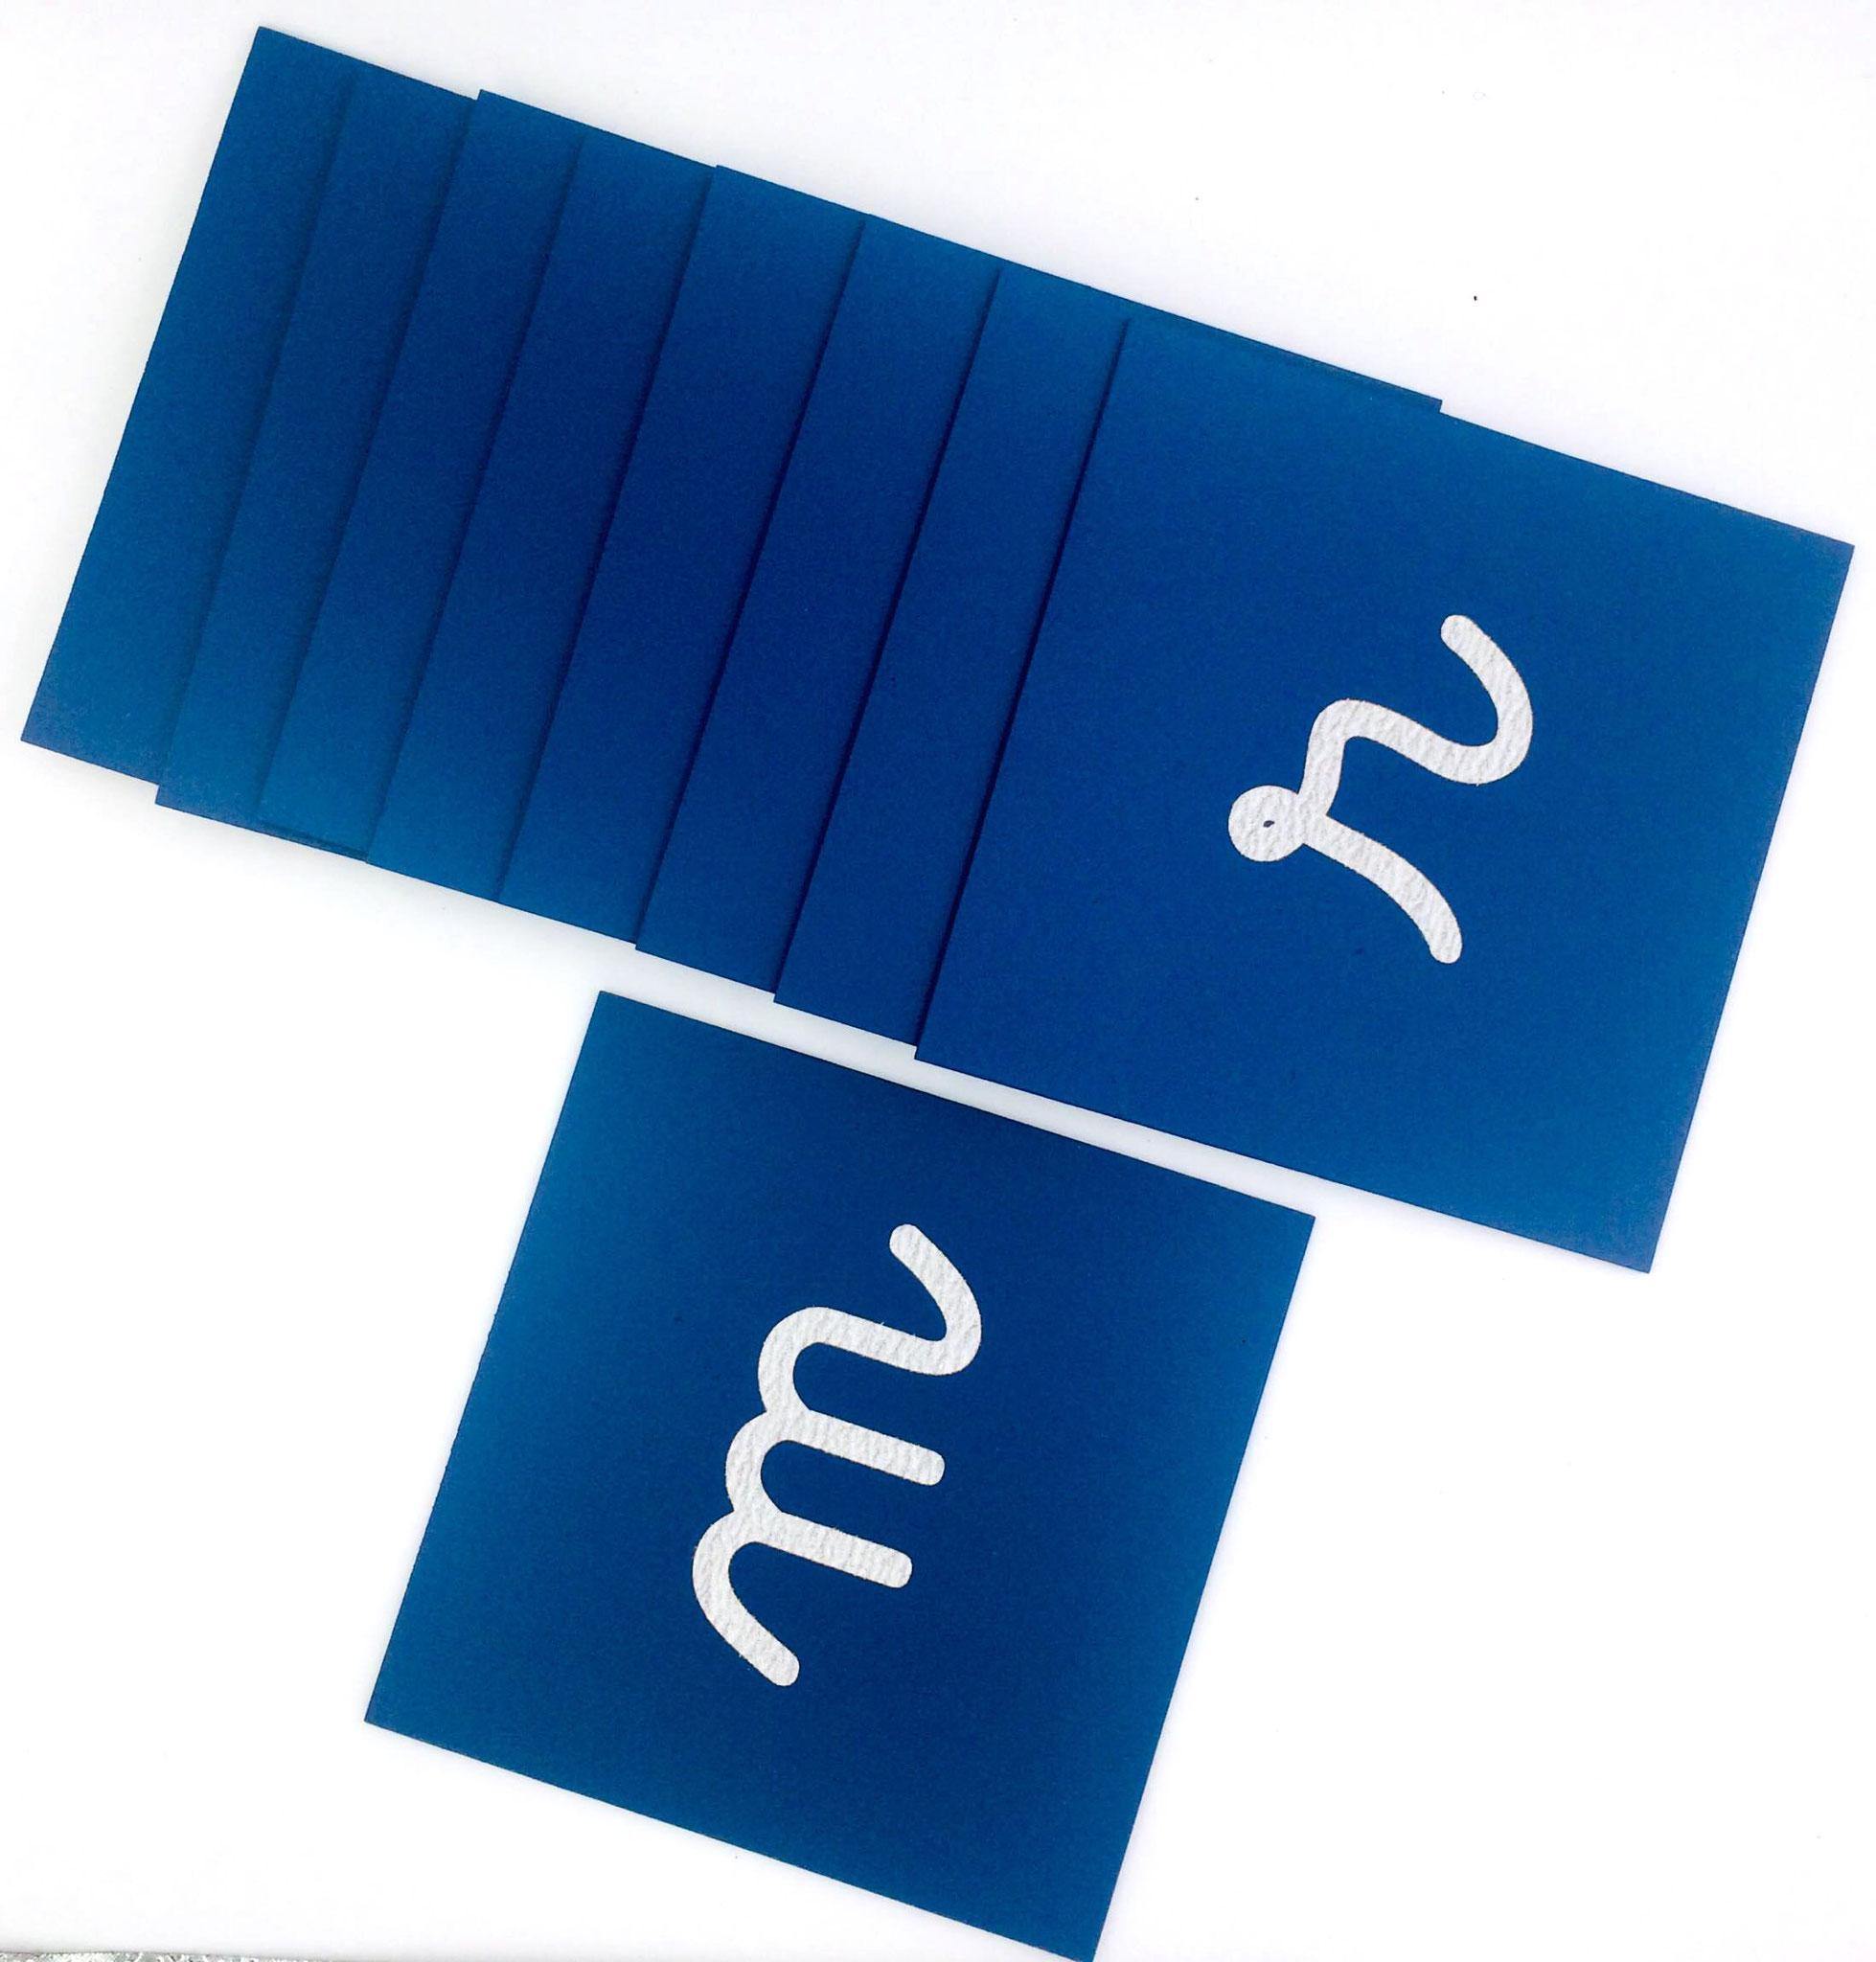 lettres collées à la main